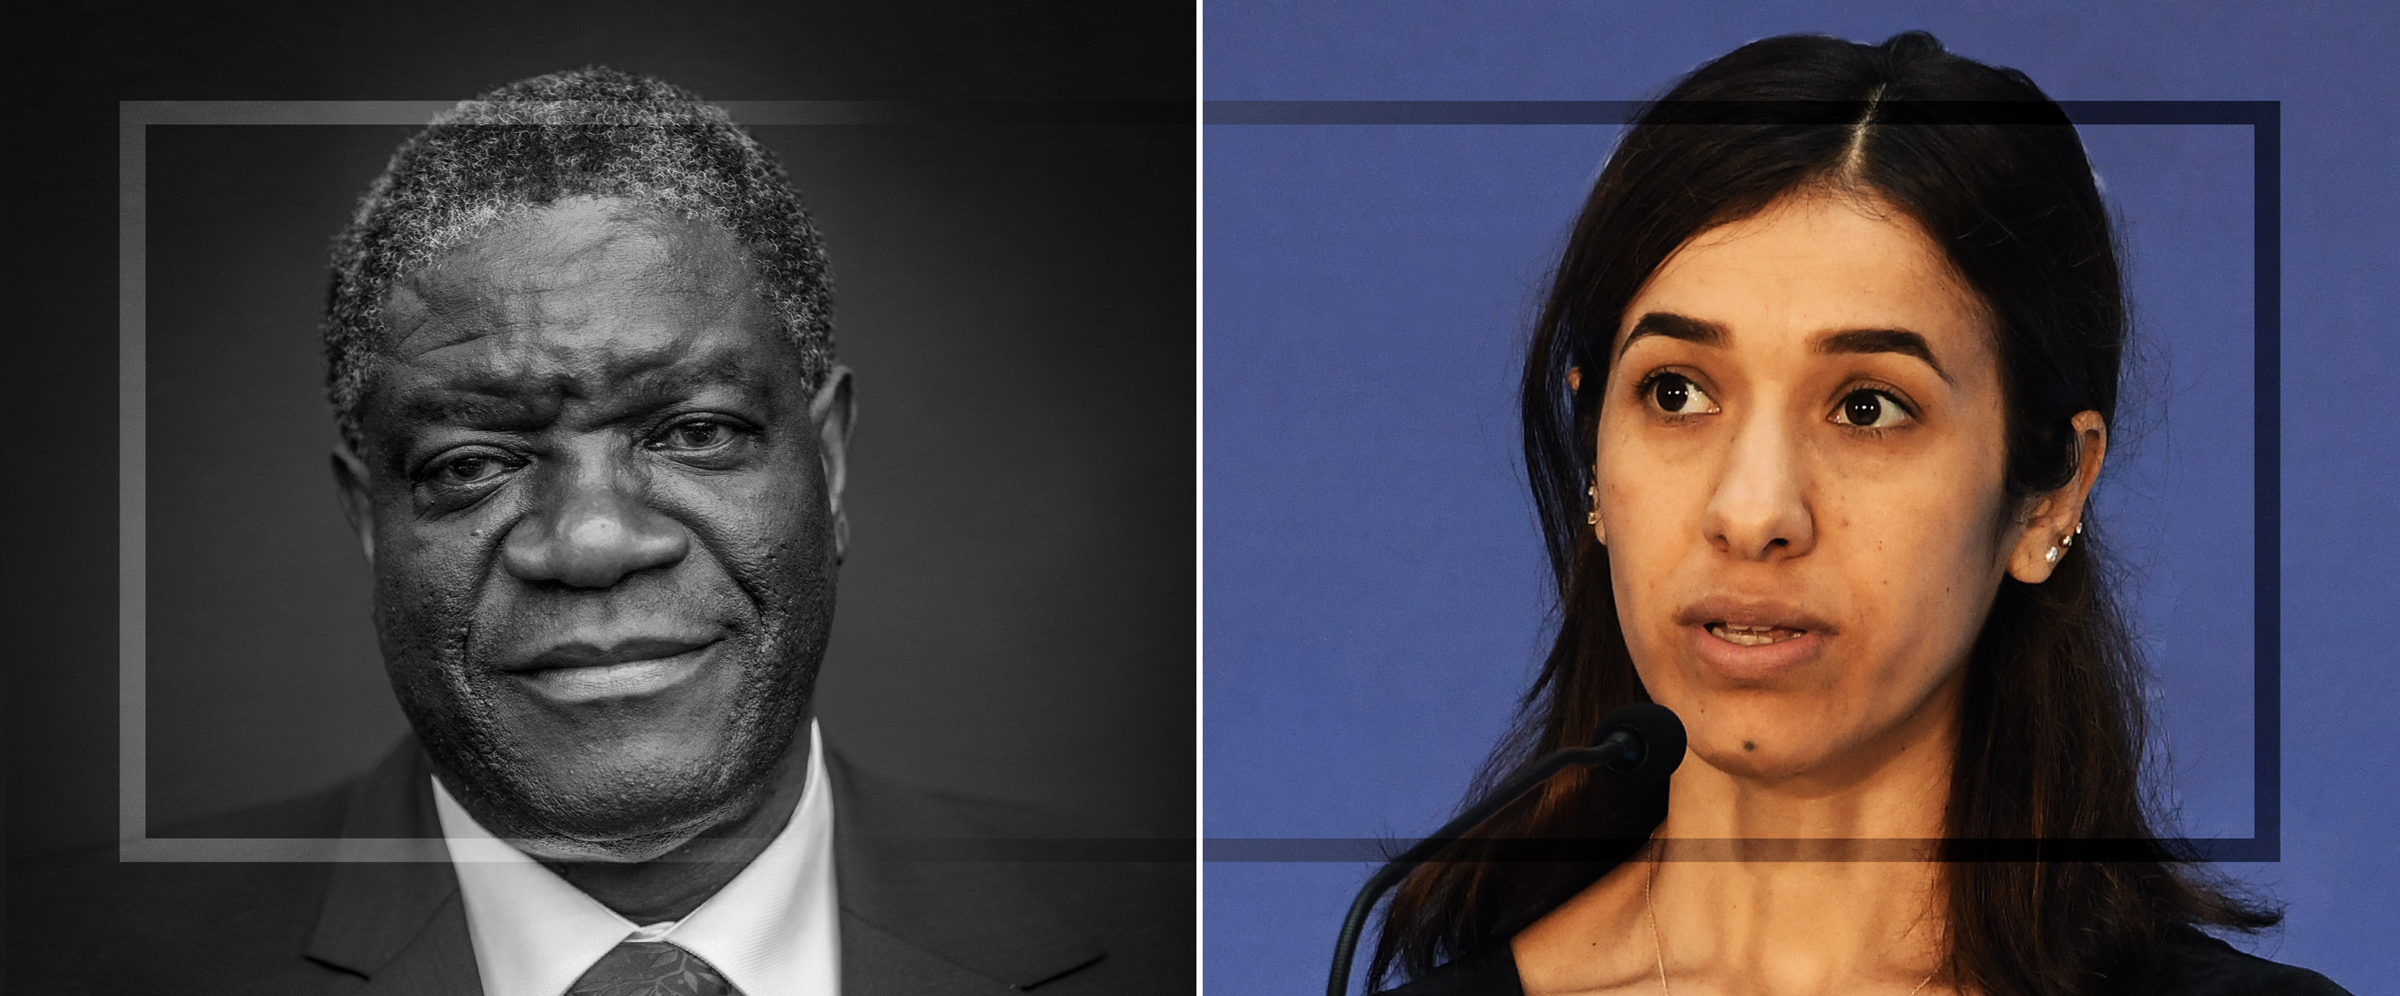 Friedensnobelpreis geht an Nadia Murad und Denis Mukwege für ihren Kampf zur Beendigung sexueller Gewalt im Krieg <br>  <span id='sec-title'>Schutz der Rechte von Frauen und Mädchen im Krieg</span>